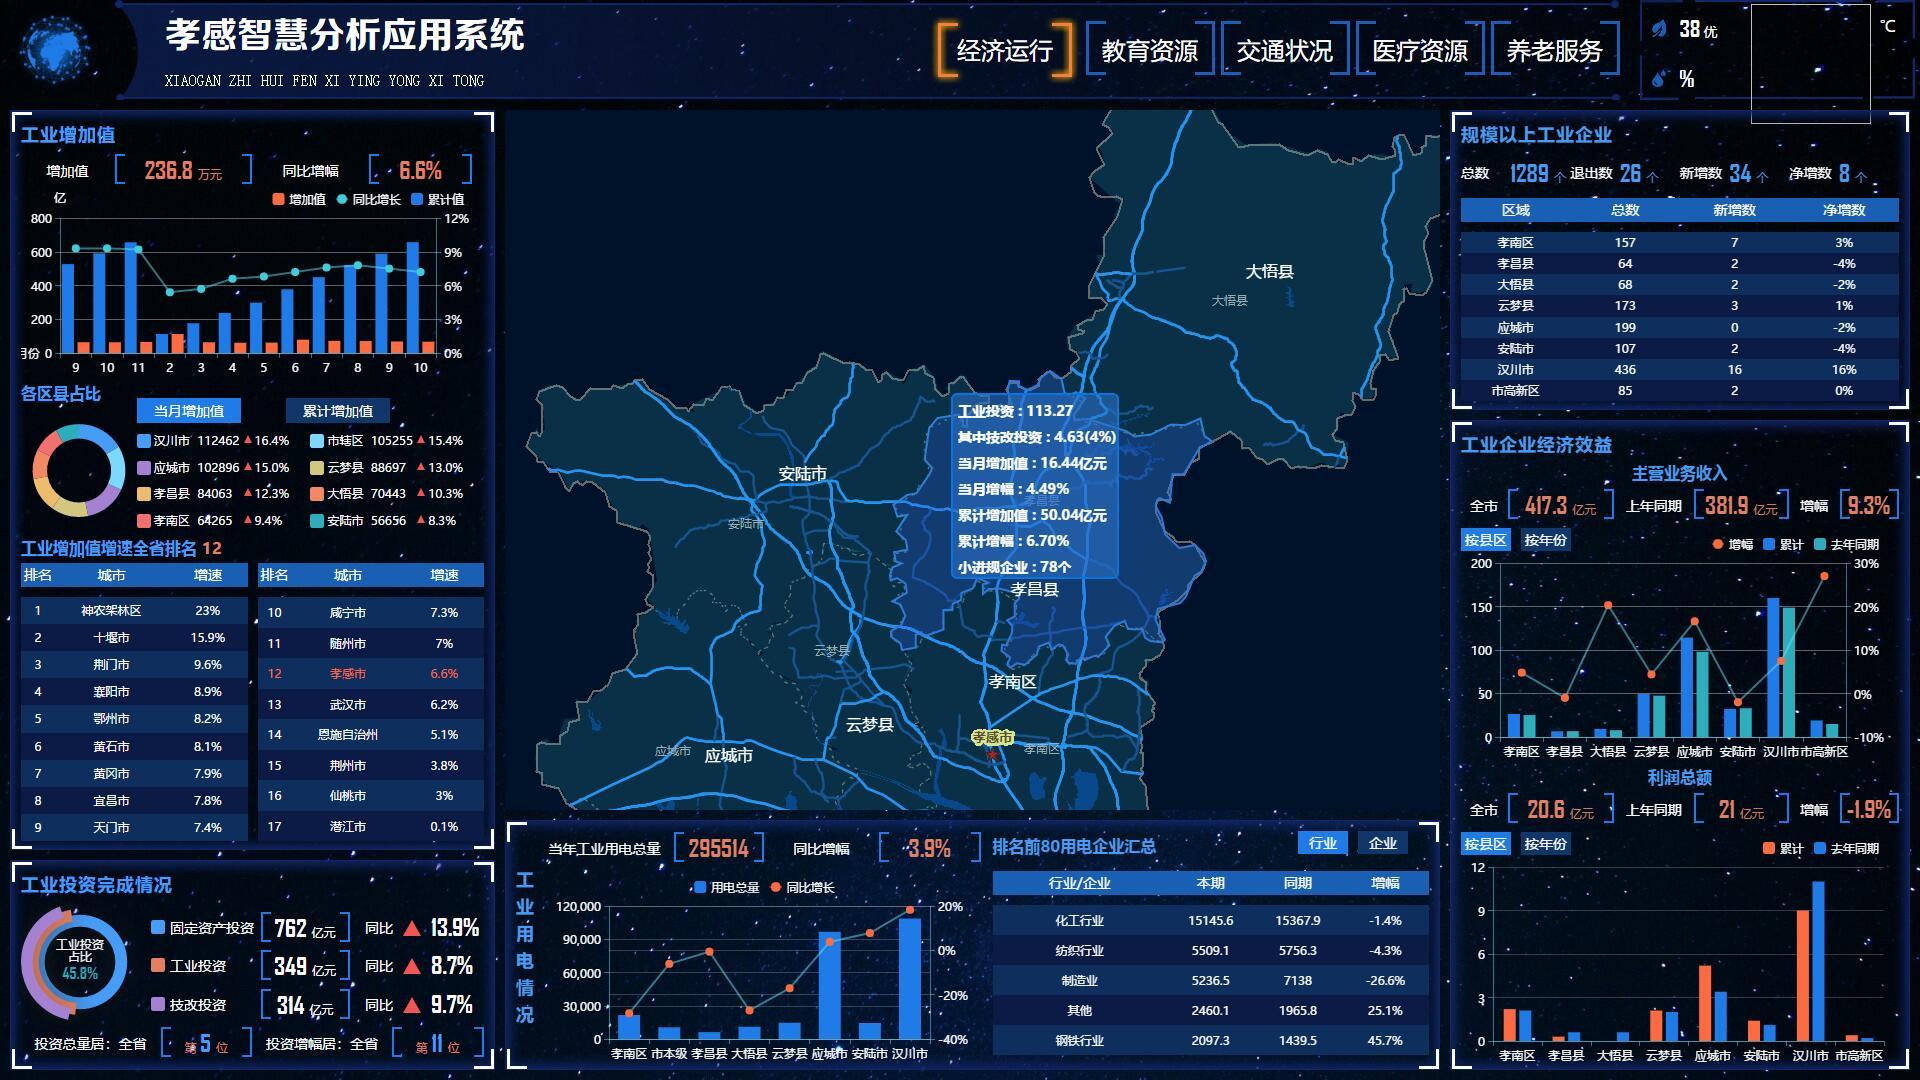 05服務城市經濟運行